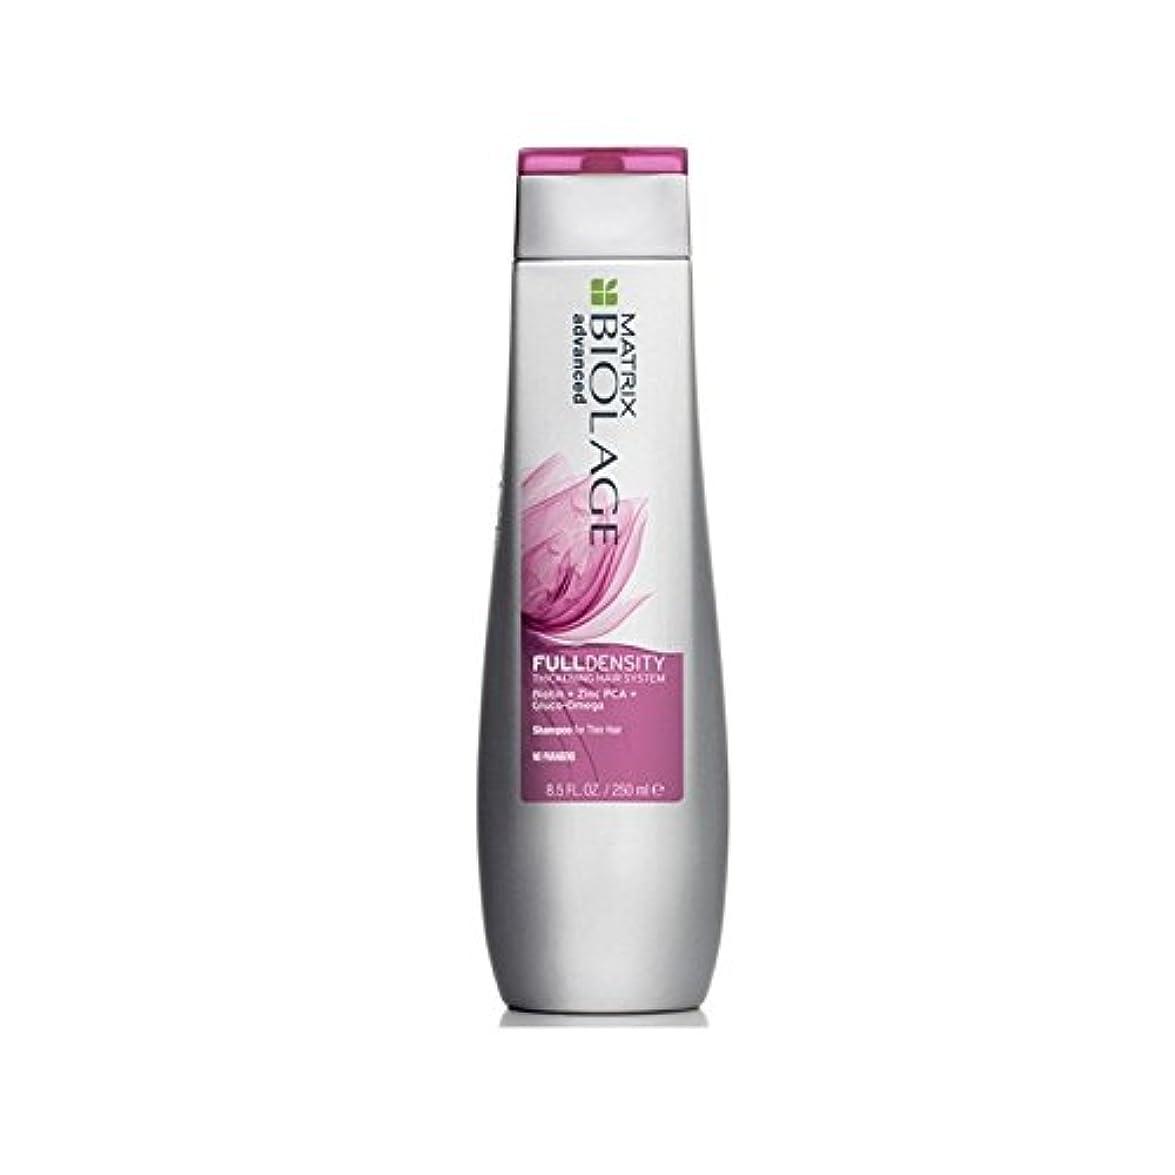 オープナー前奏曲腐食するMatrix Biolage Full Density Shampoo (250ml) (Pack of 6) - マトリックスバイオレイジ完全密度シャンプー(250ミリリットル) x6 [並行輸入品]